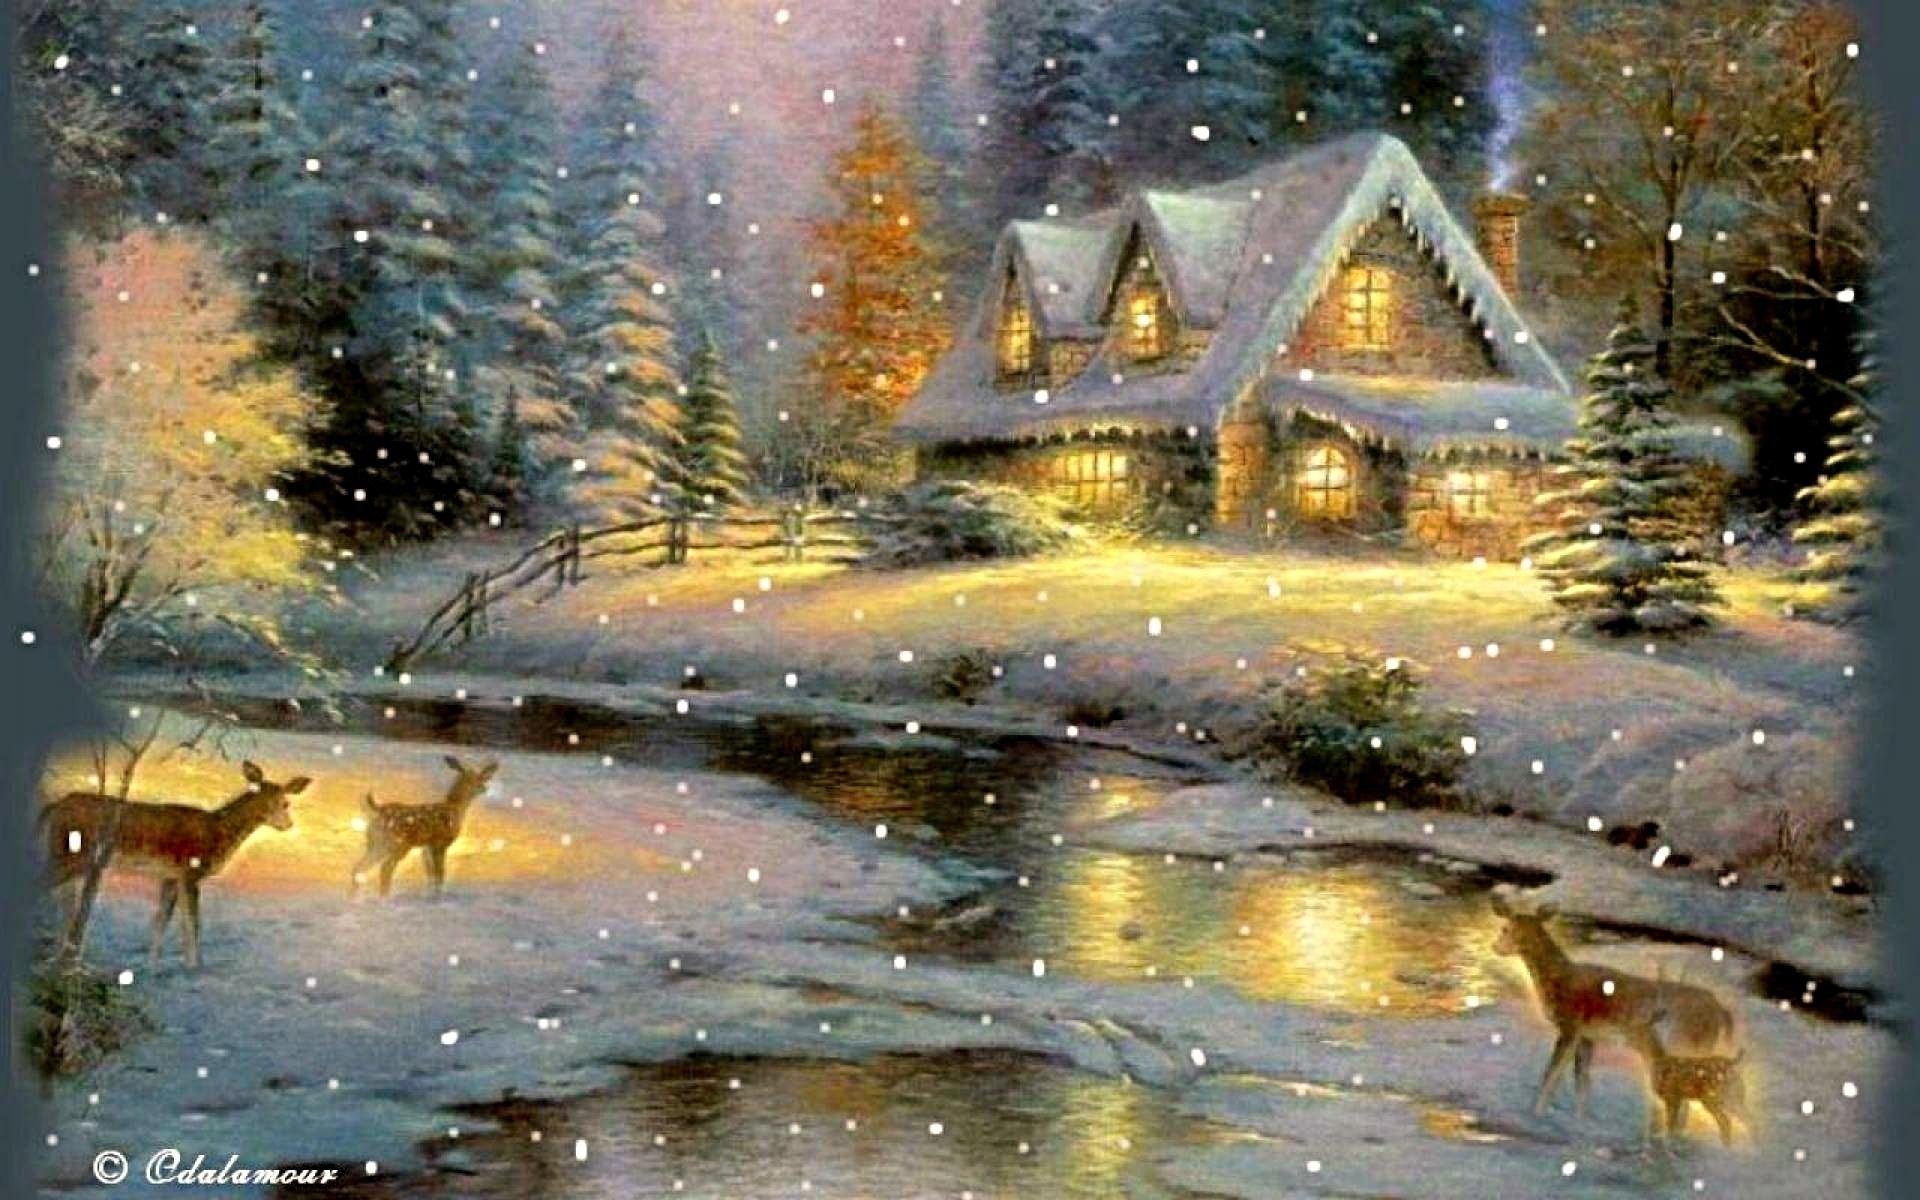 многим одинокая избушка в снегу анимация открытки собрал галерею